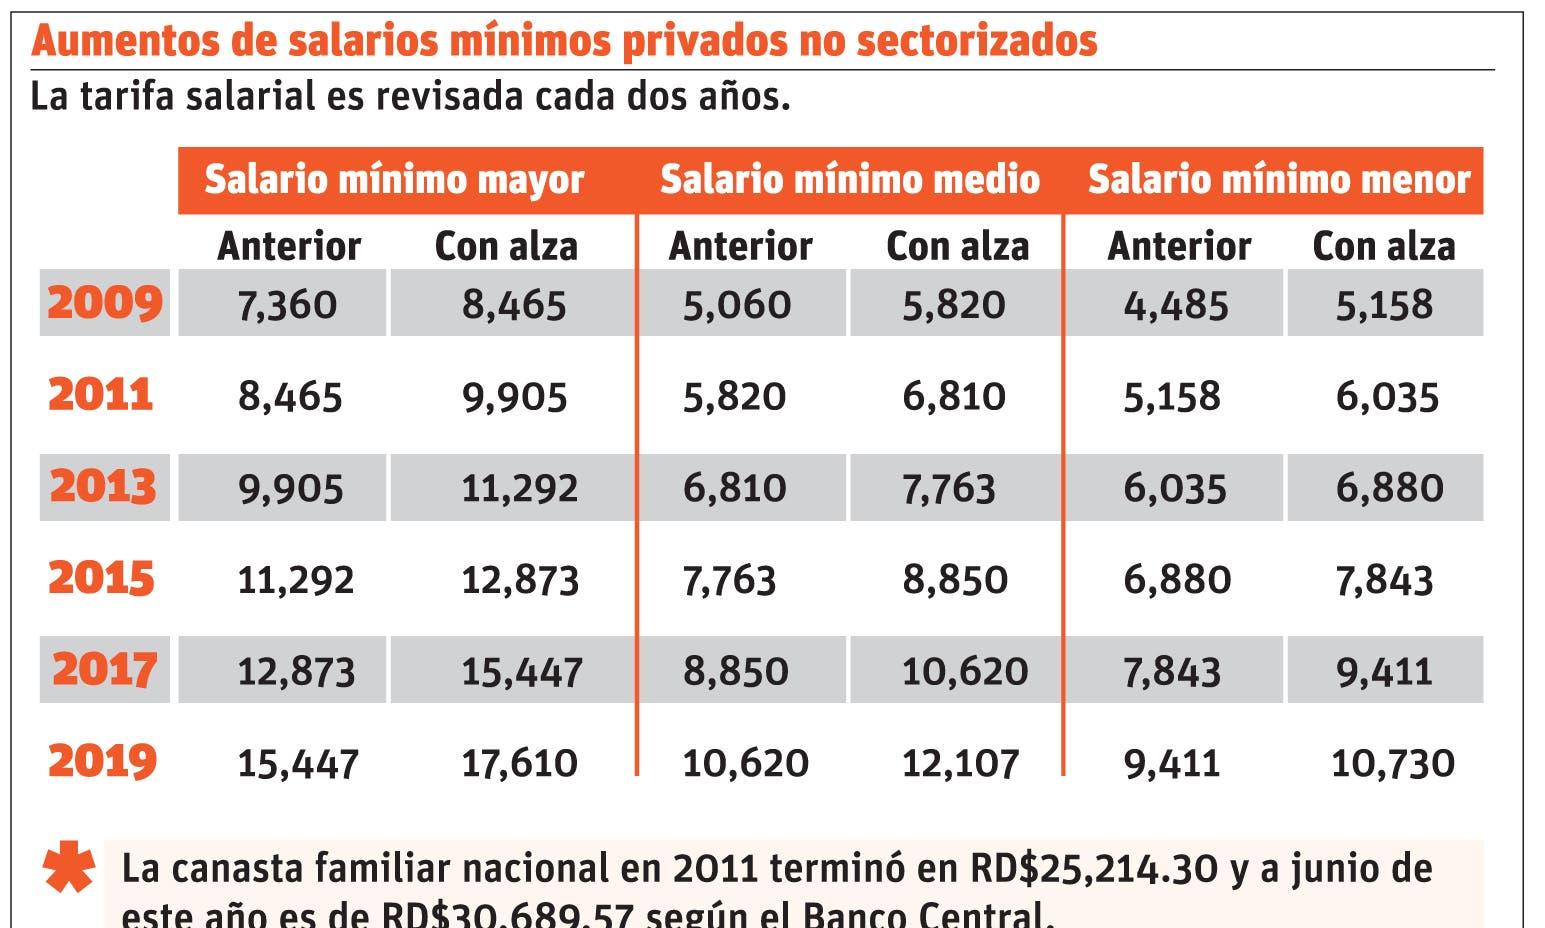 Trabajo advierte que los patronos están obligados aplicar reajuste salarial